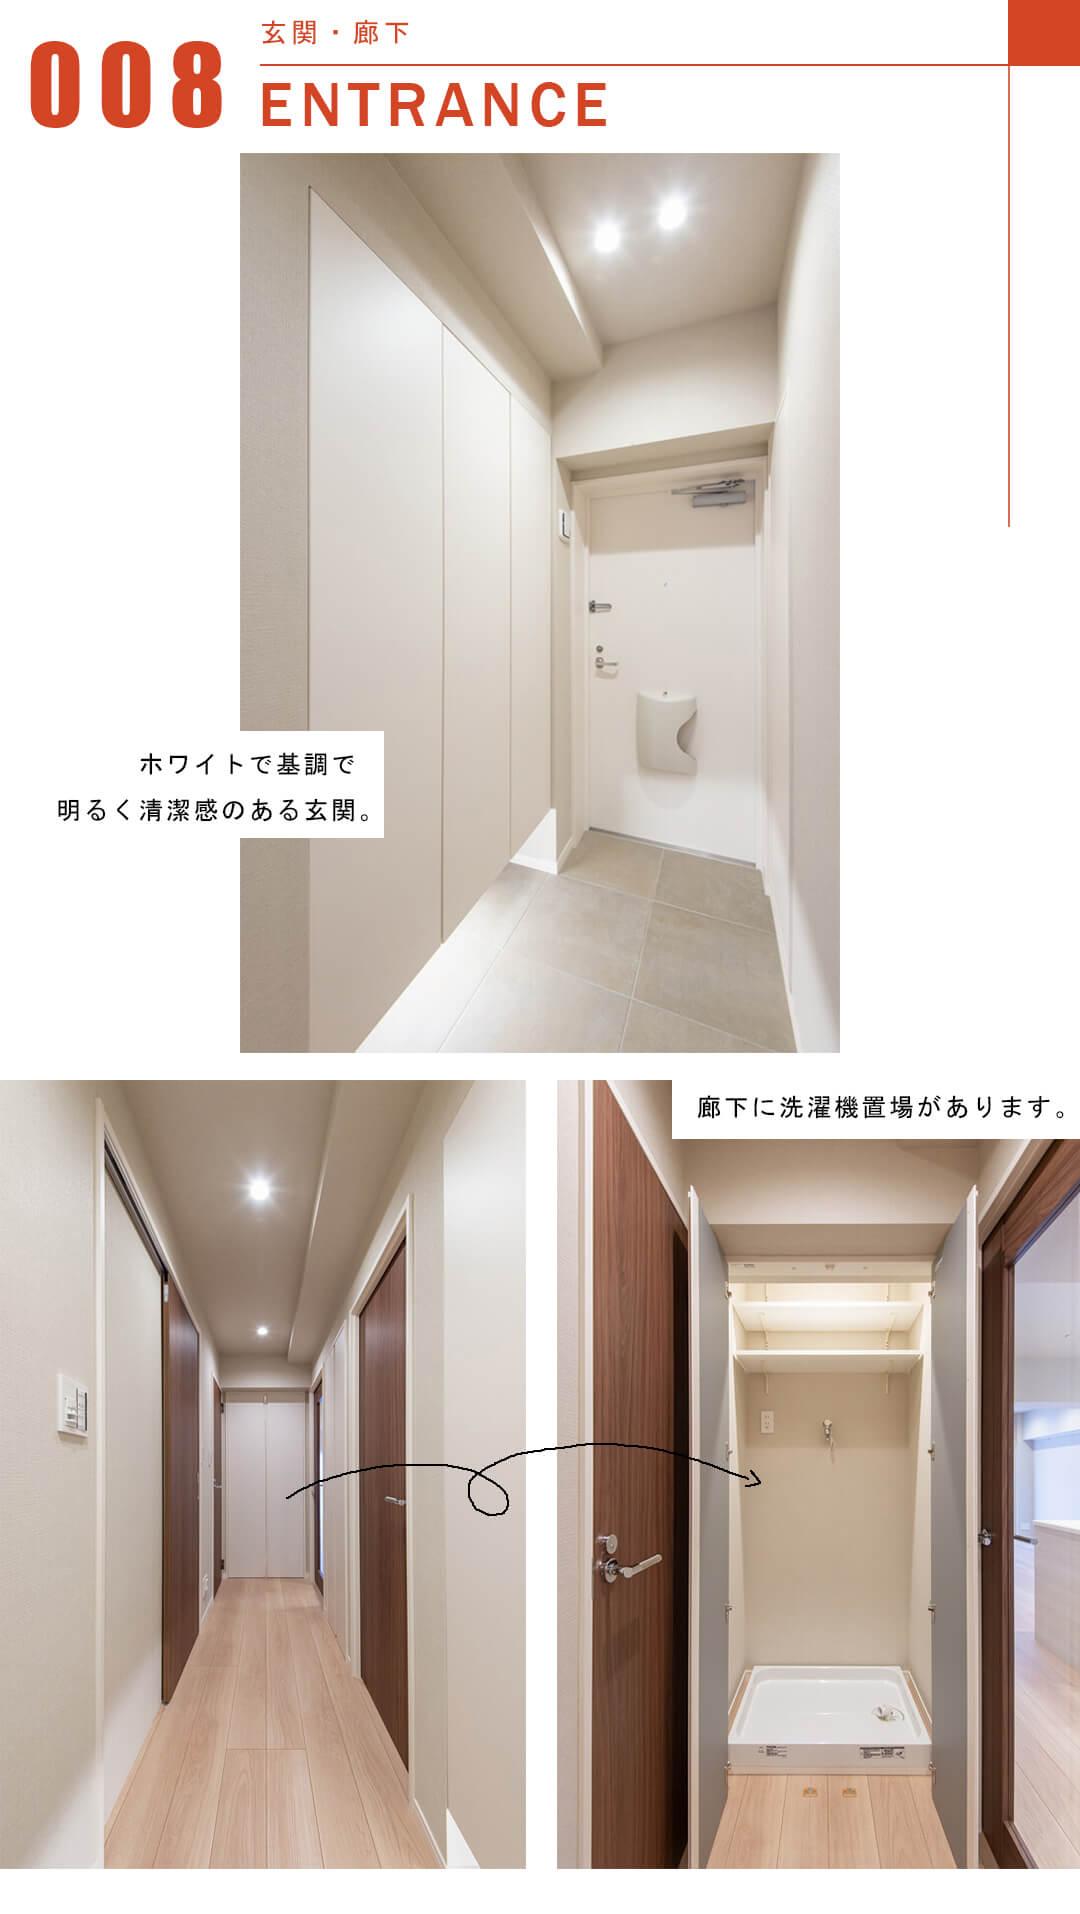 池田山コープの玄関と廊下